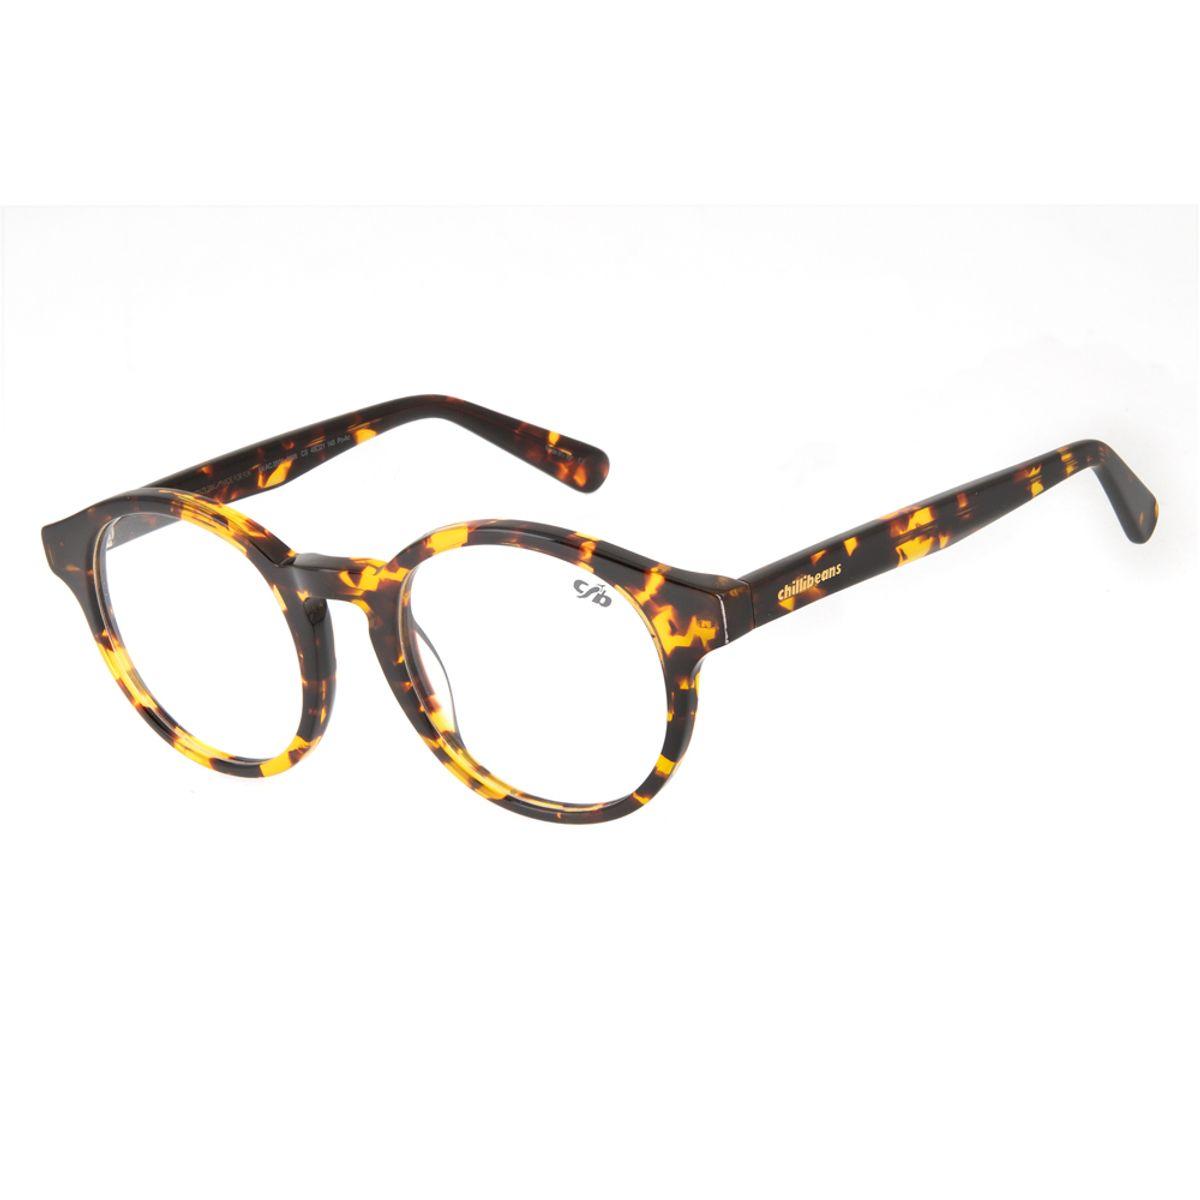 c4fb4de3ac096 Armação para Óculos de Grau Chilli Beans 70 s Tartaruga 0509 ...